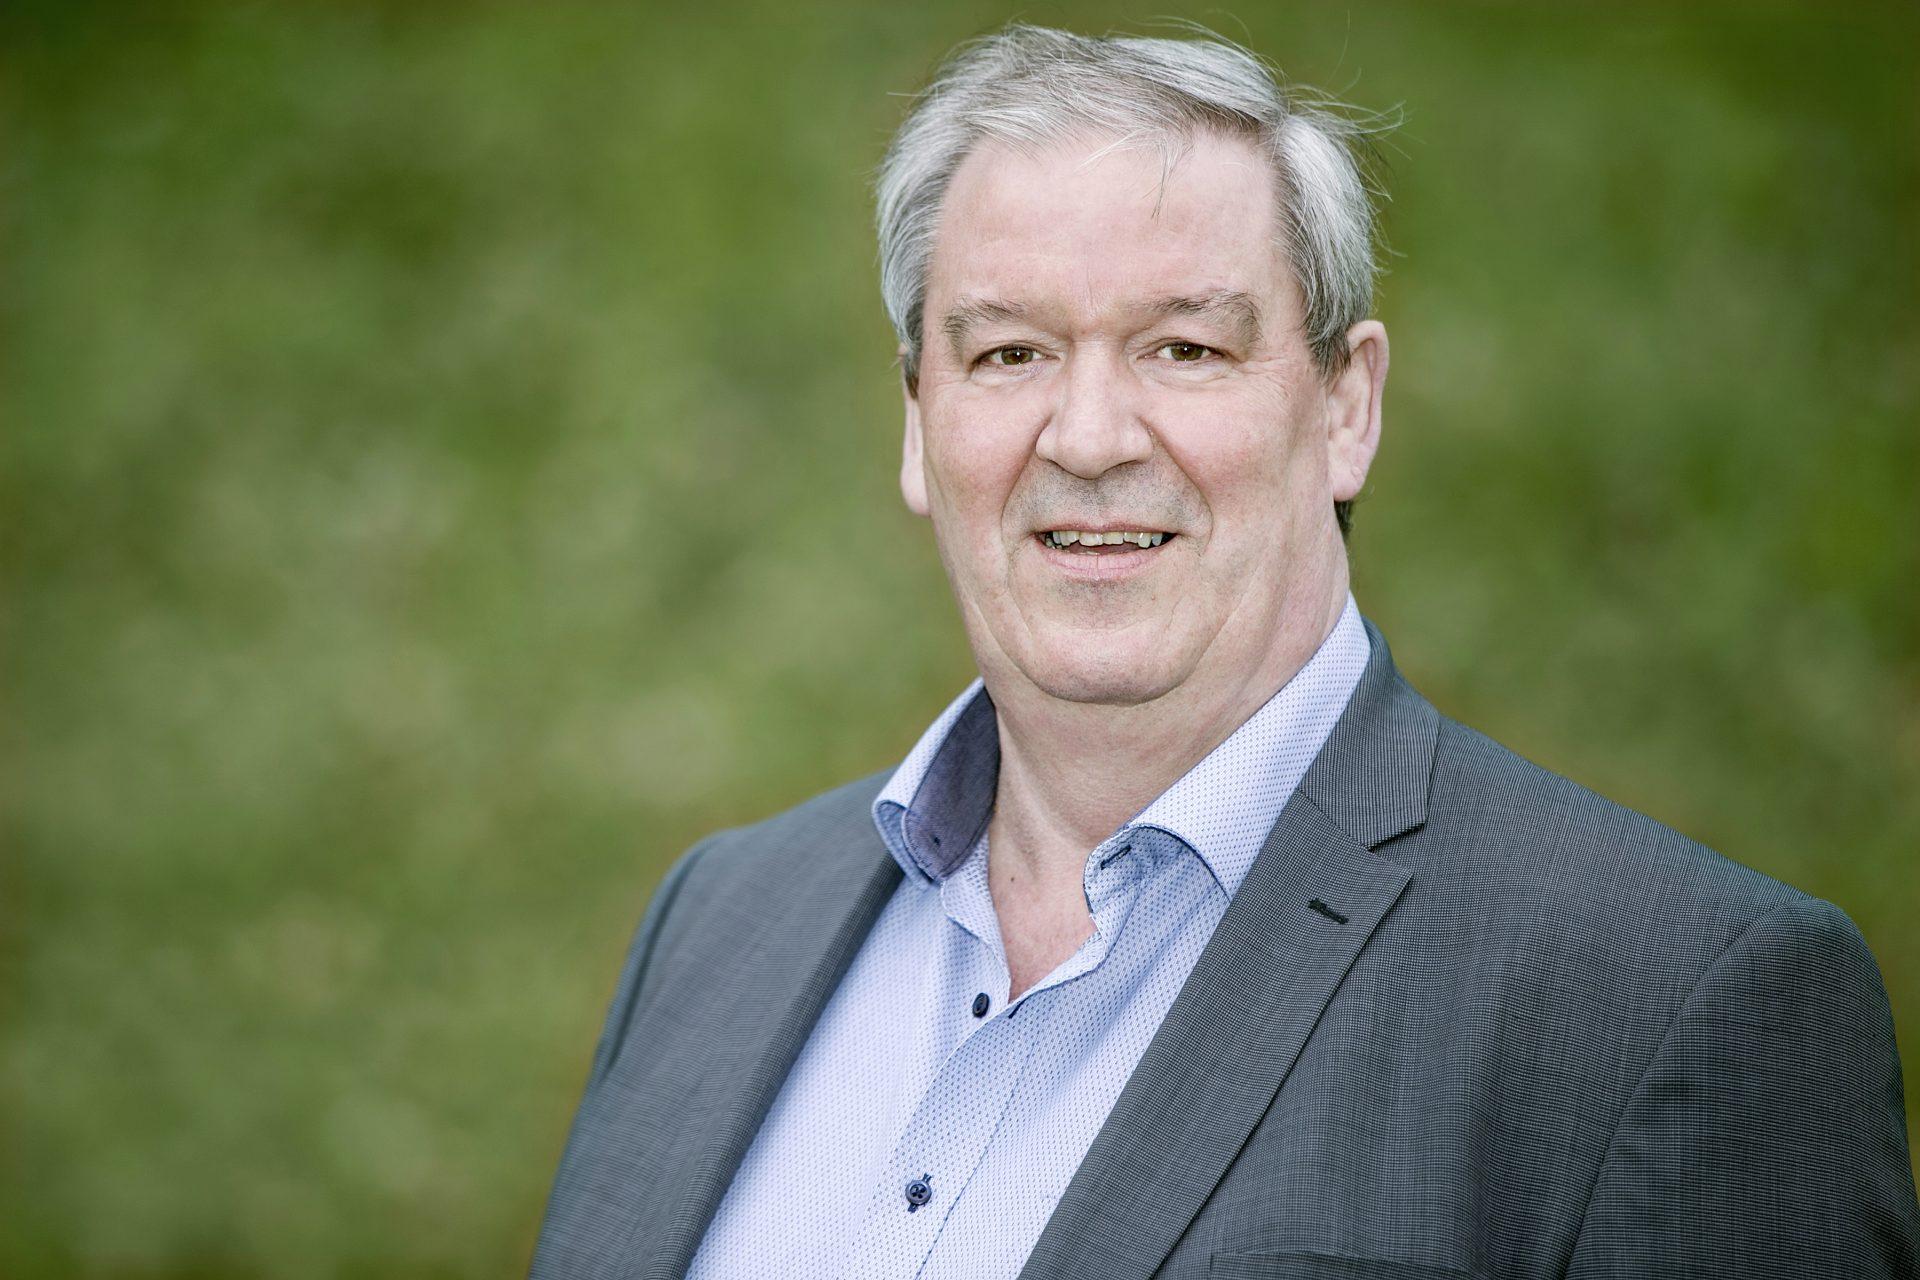 Venstre Horsens Jørgen Korshøj